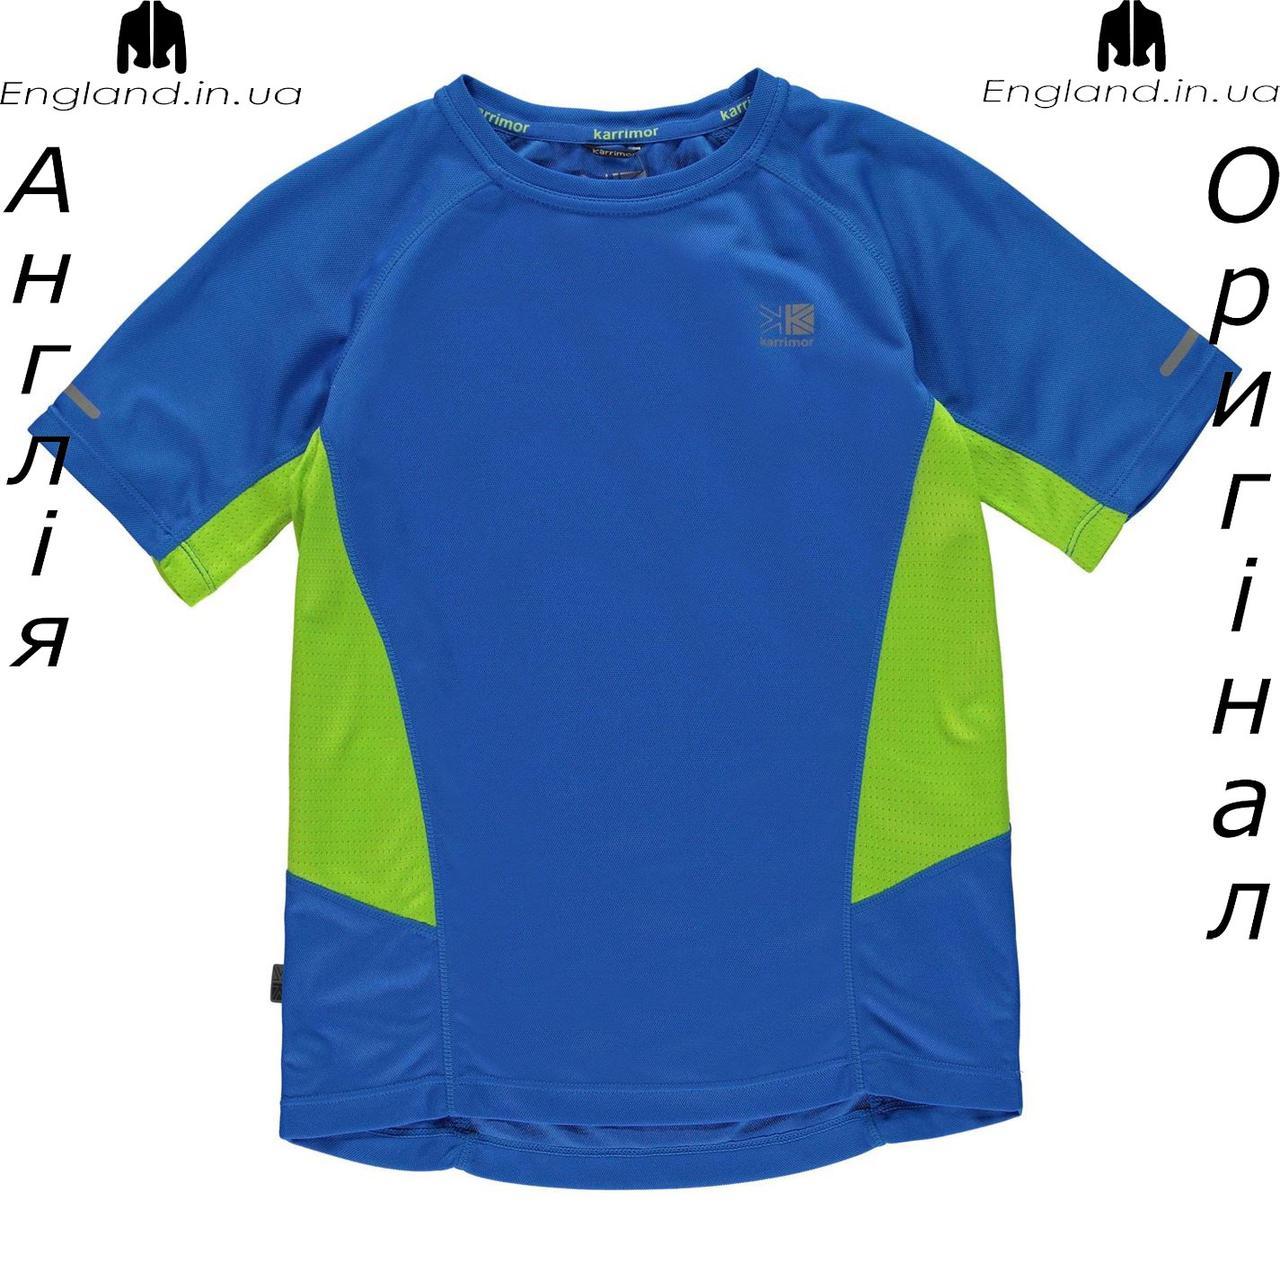 Футболка Karrimor из Англии для мальчиков 2-14 лет - беговая голубая